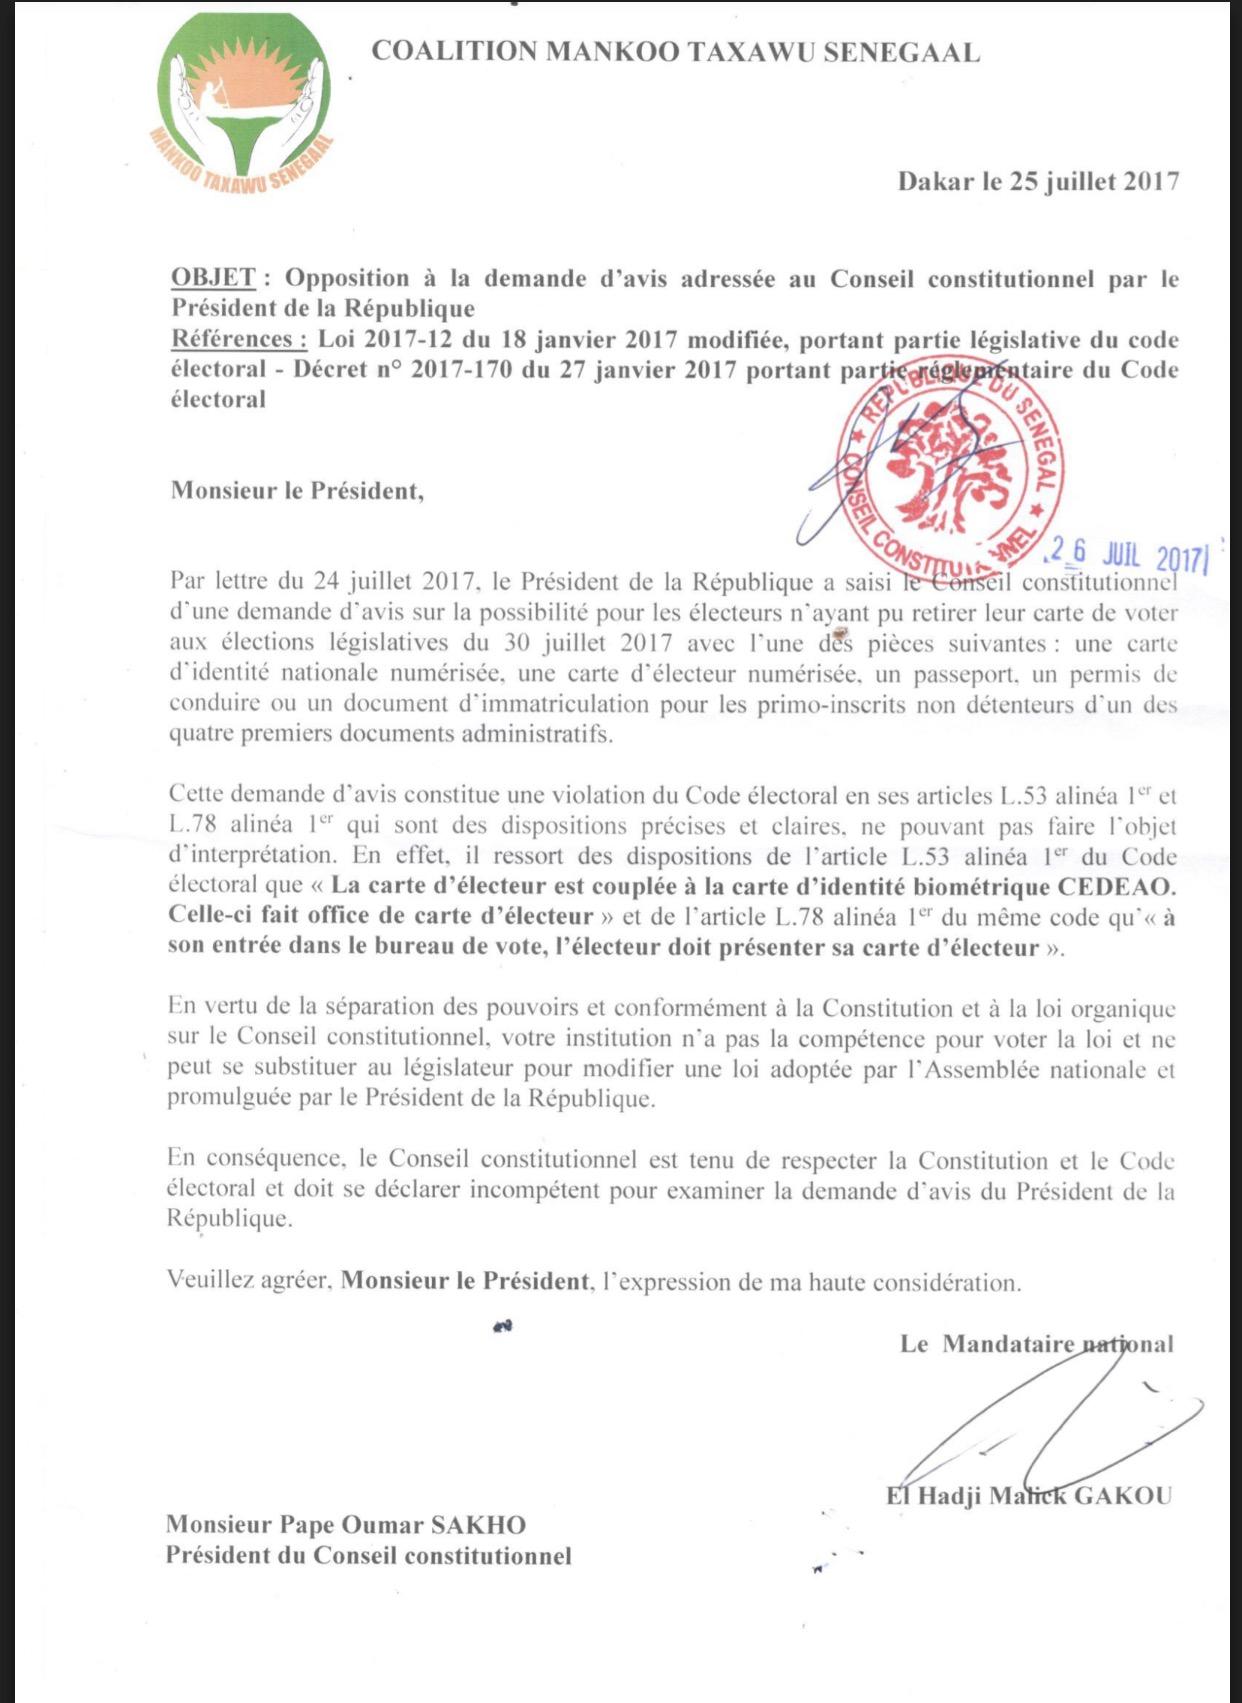 Manko Taxawu Senegaal saisit le Conseil Constitutionnel pour s'opposer à la demande d'avis adressée par le Président de la République (DOCUMENT)